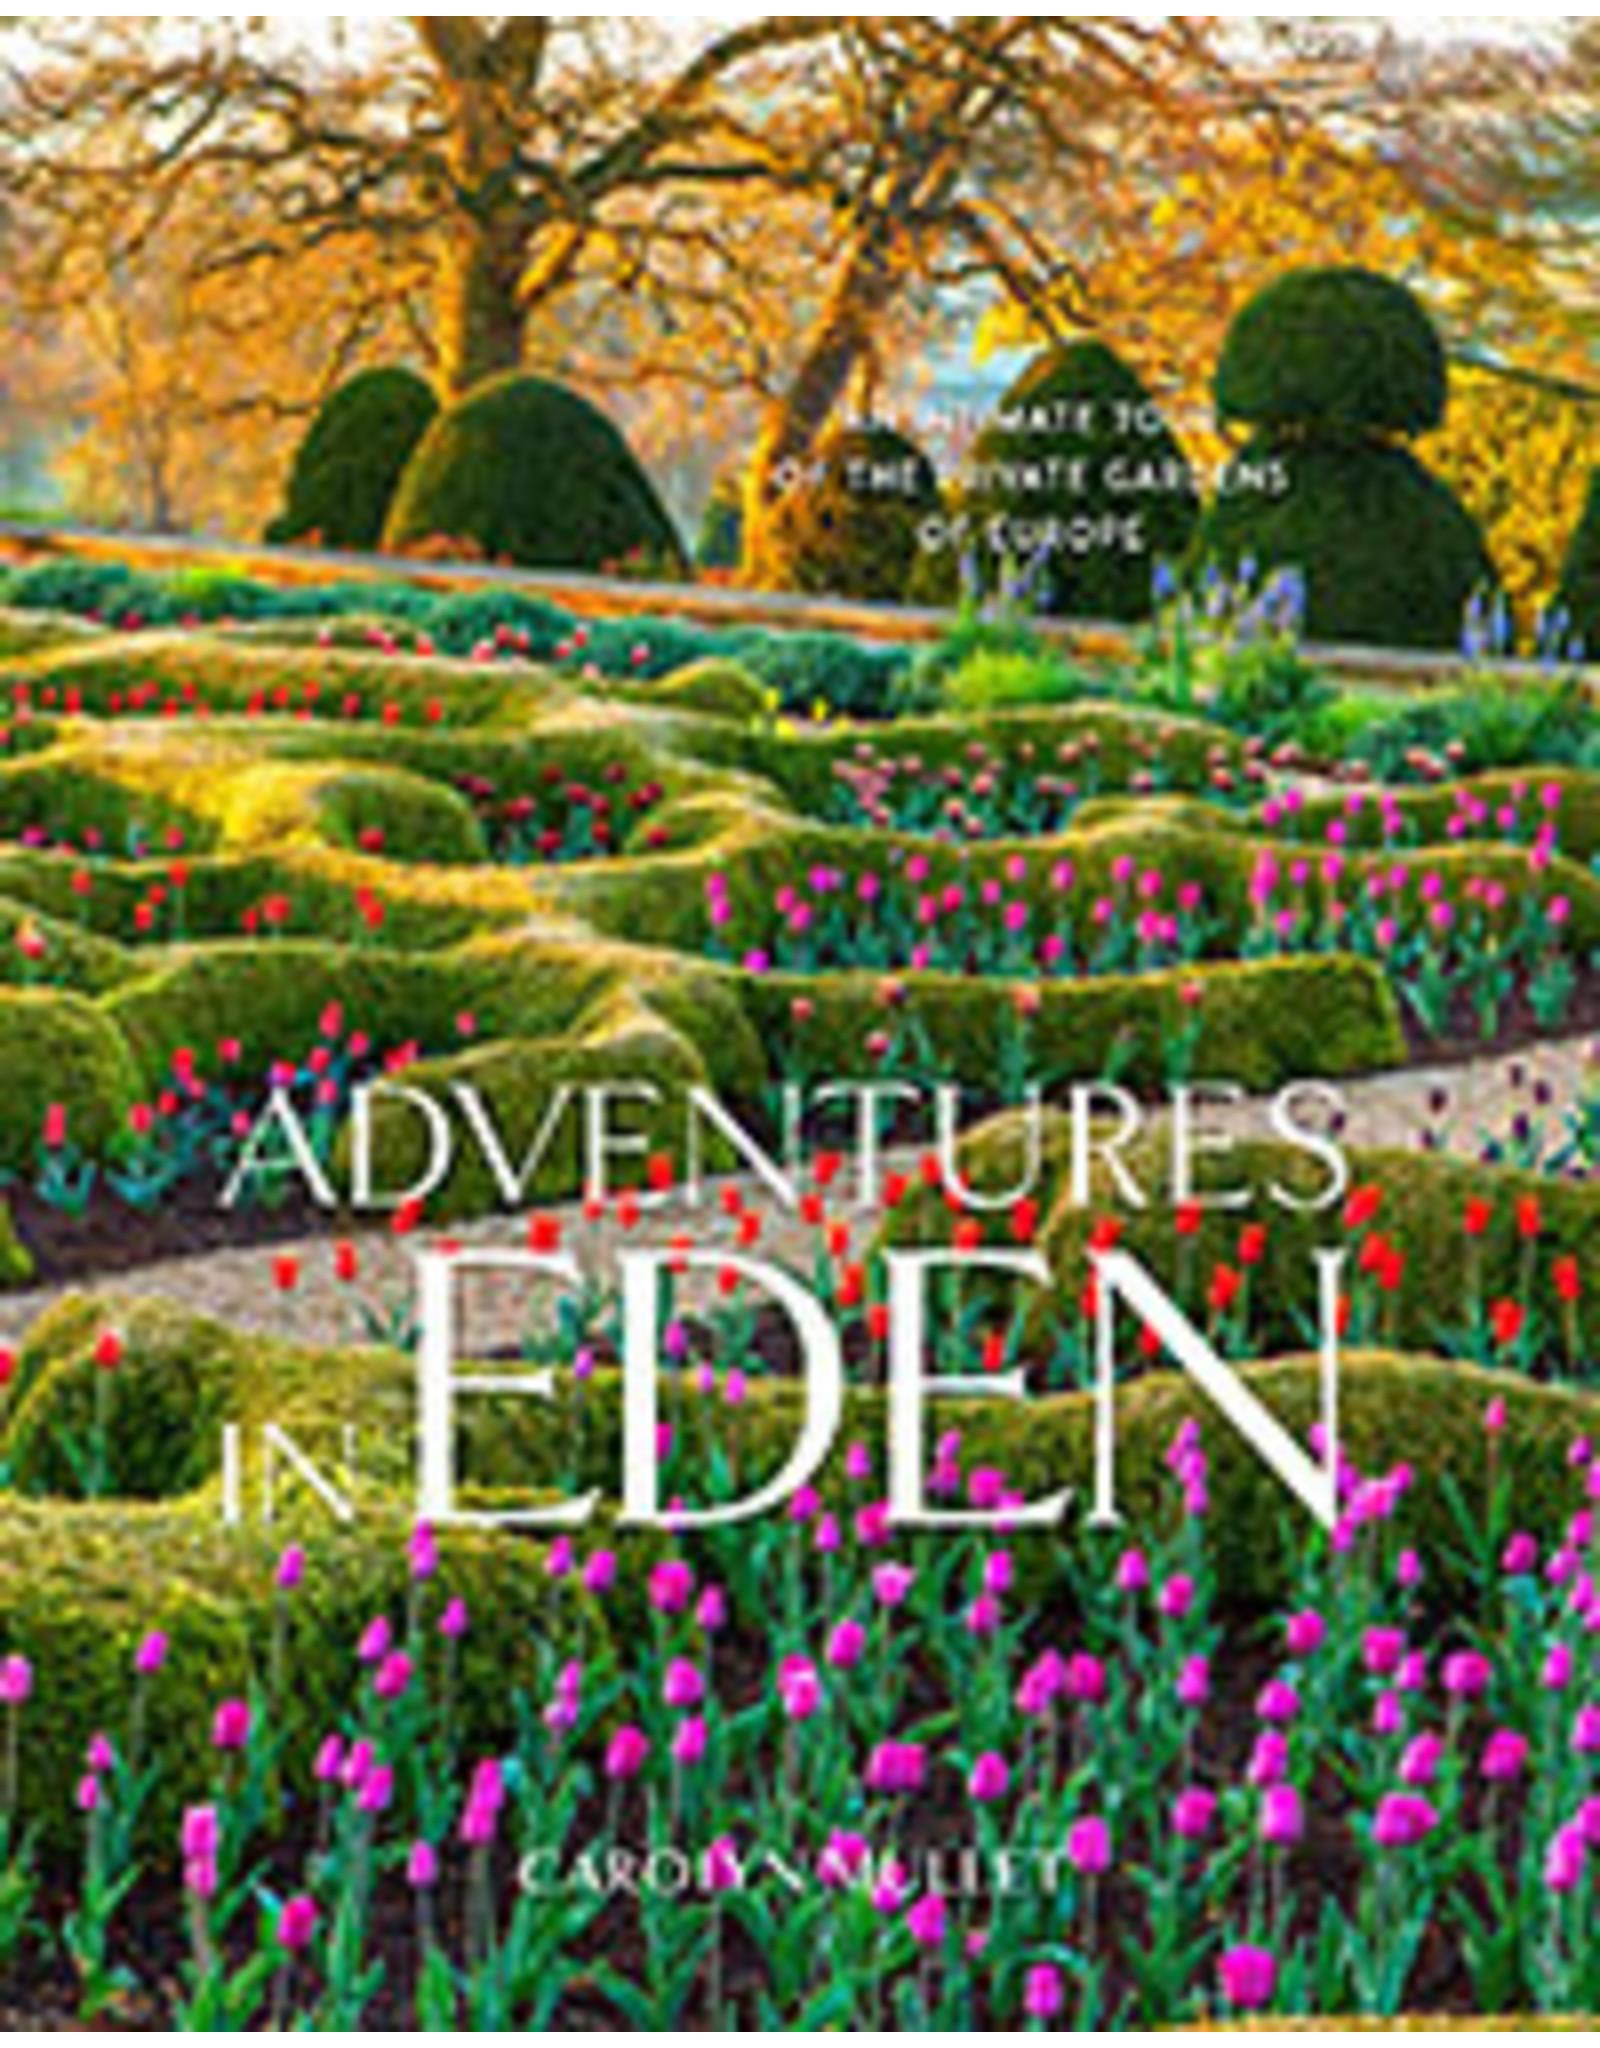 Website Adventures in Eden